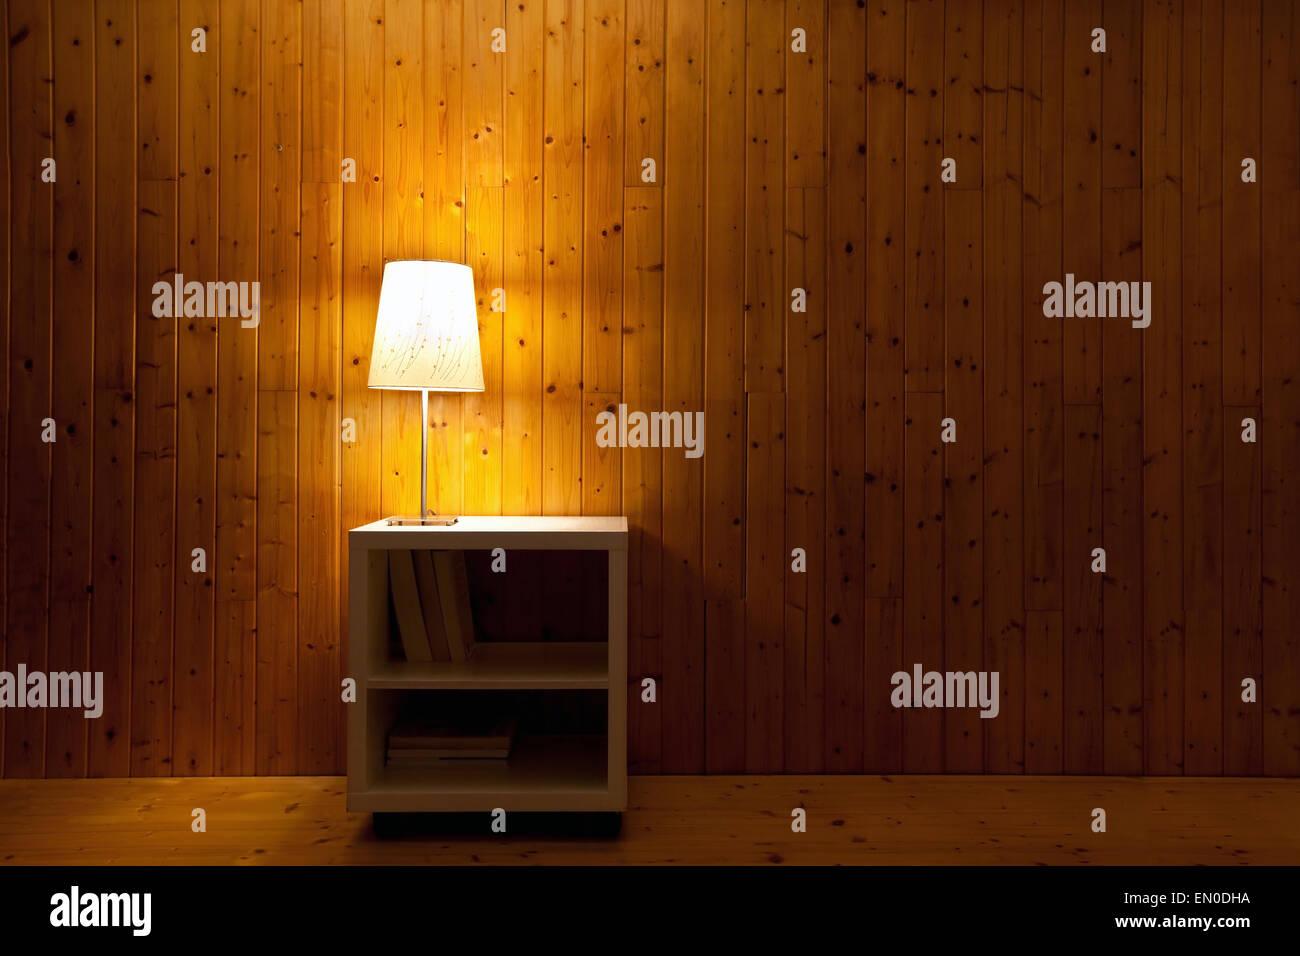 L'intérieur sombre de la chambre, lampe lumière dans la nuit Photo Stock